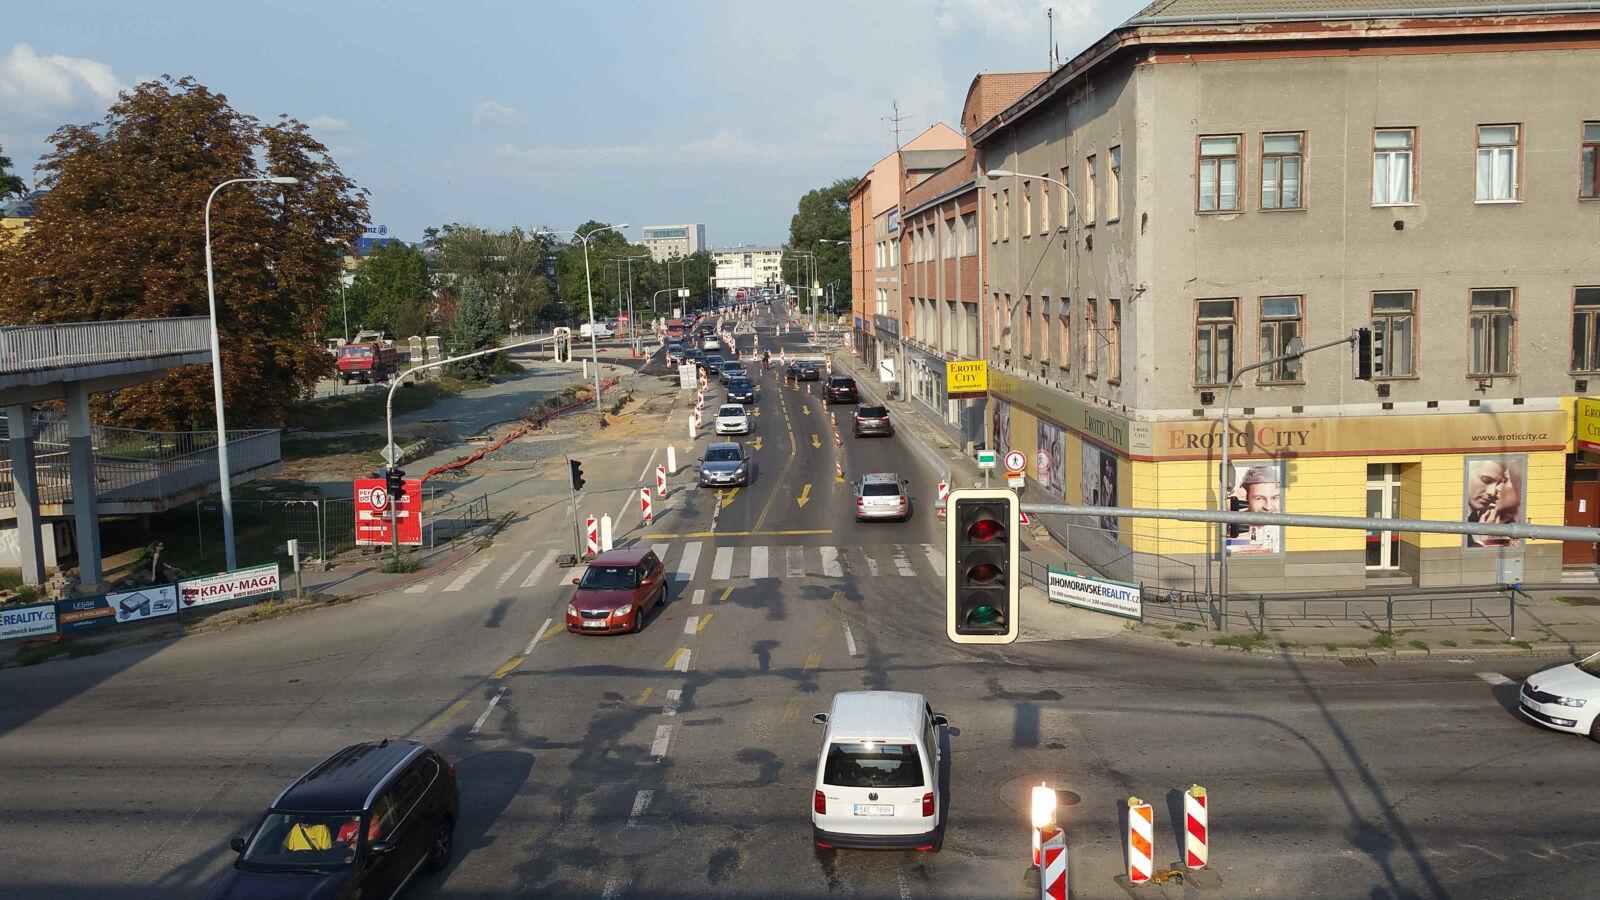 Pohled z provizorní lávky pro pěší směrem na ulici Zvonařka